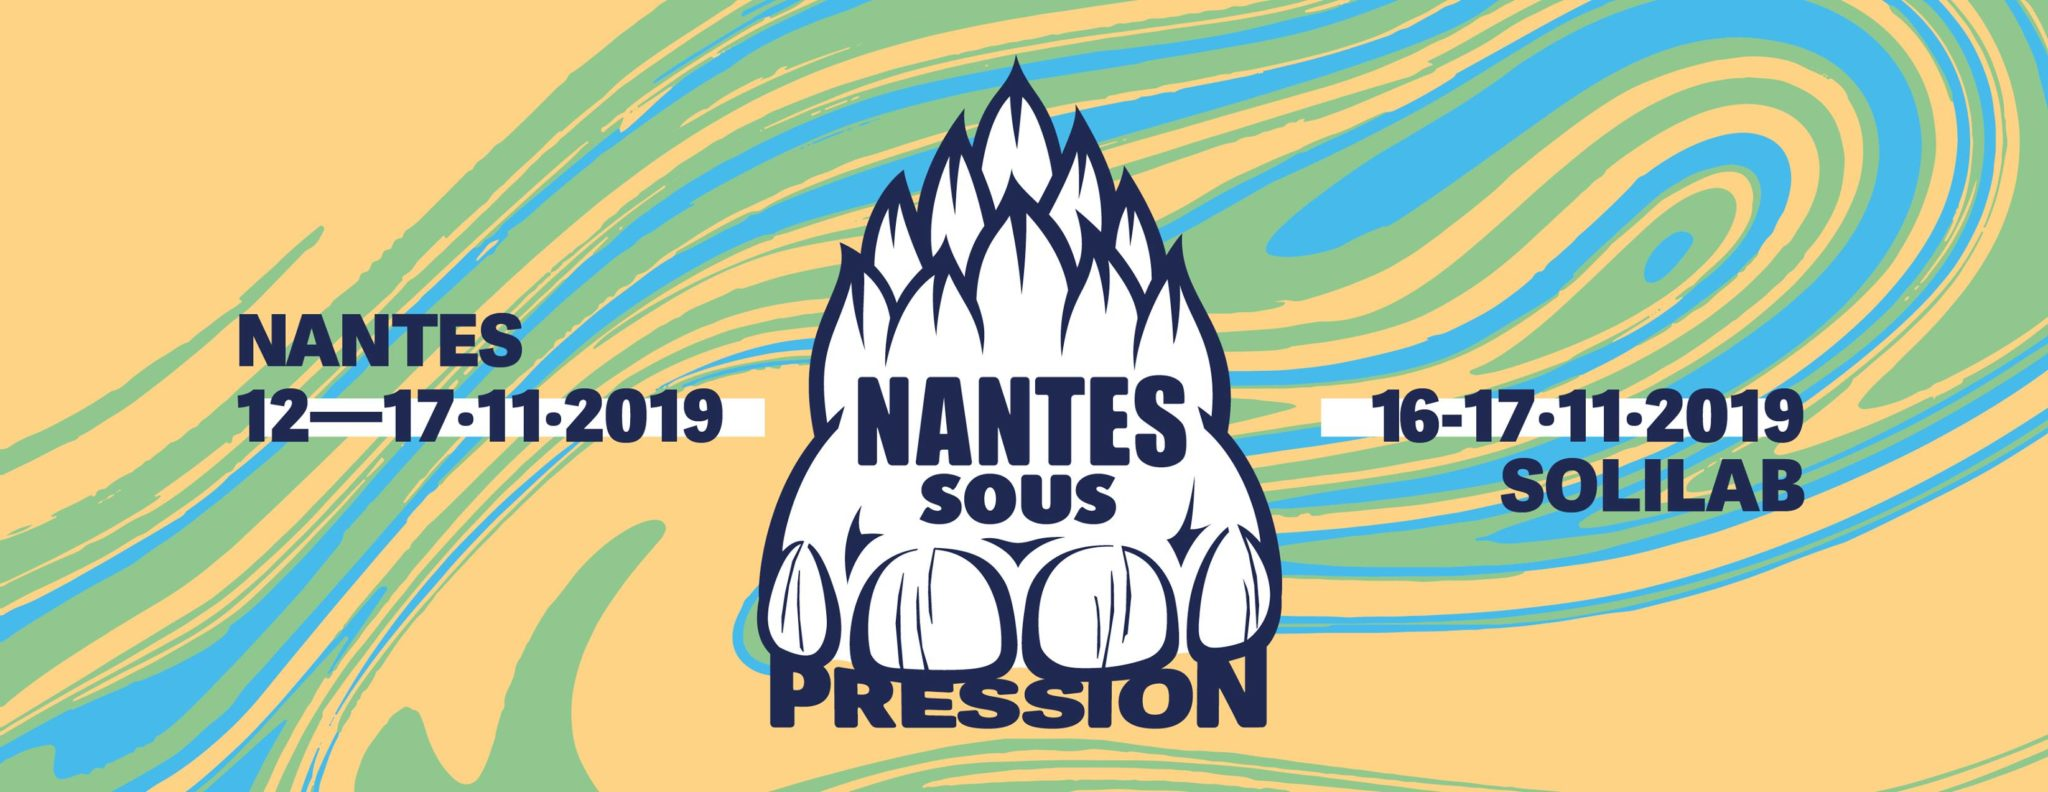 Nantes sous pression